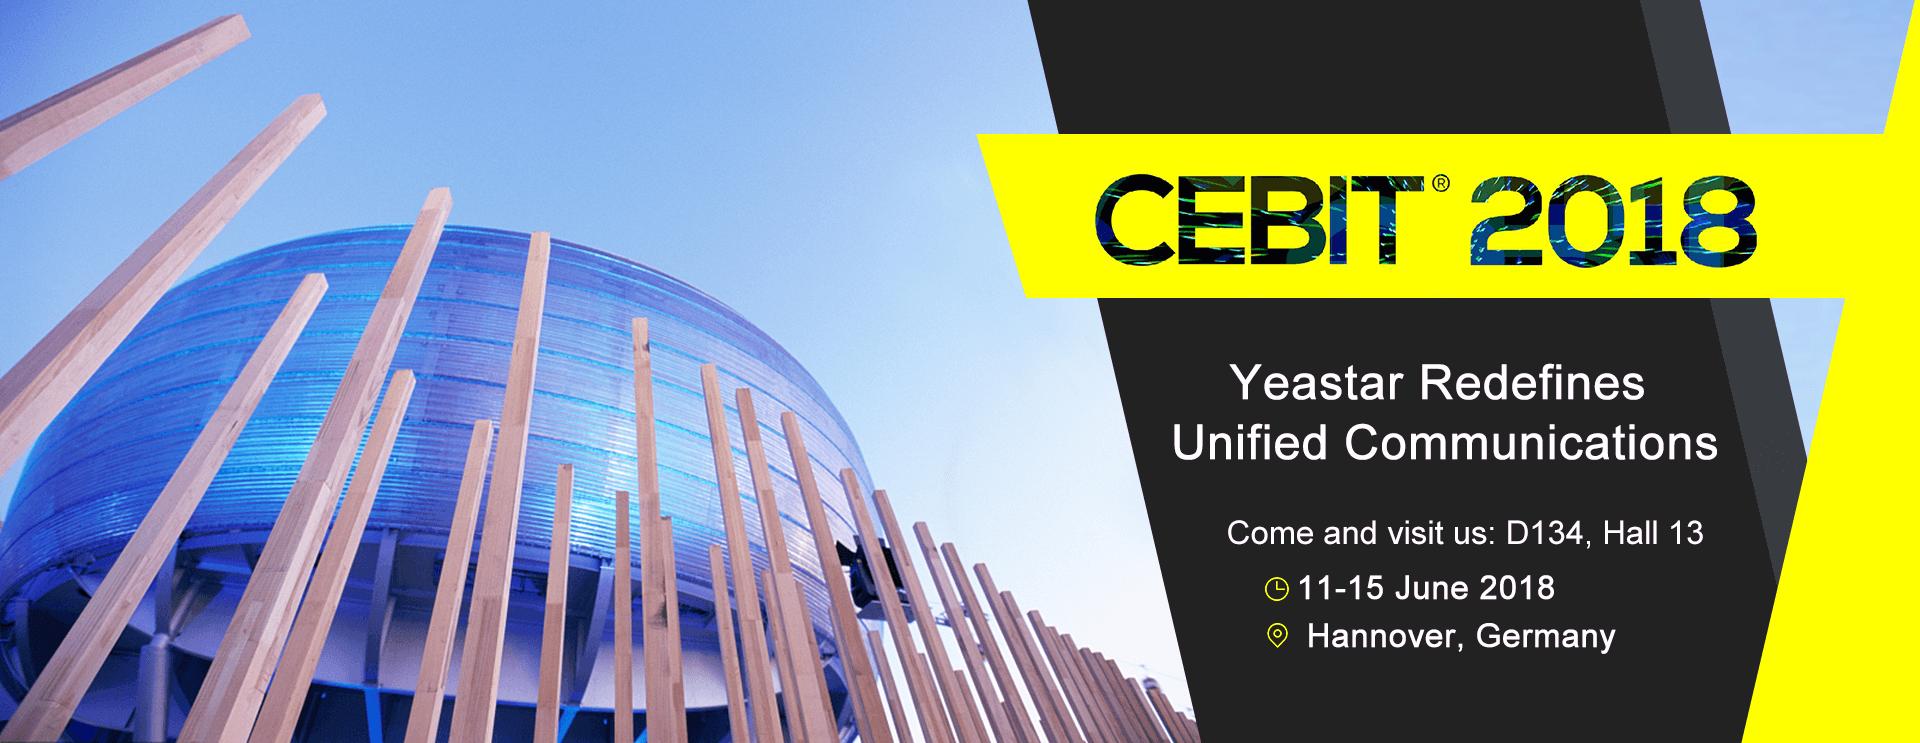 CEBIT-banner-UC